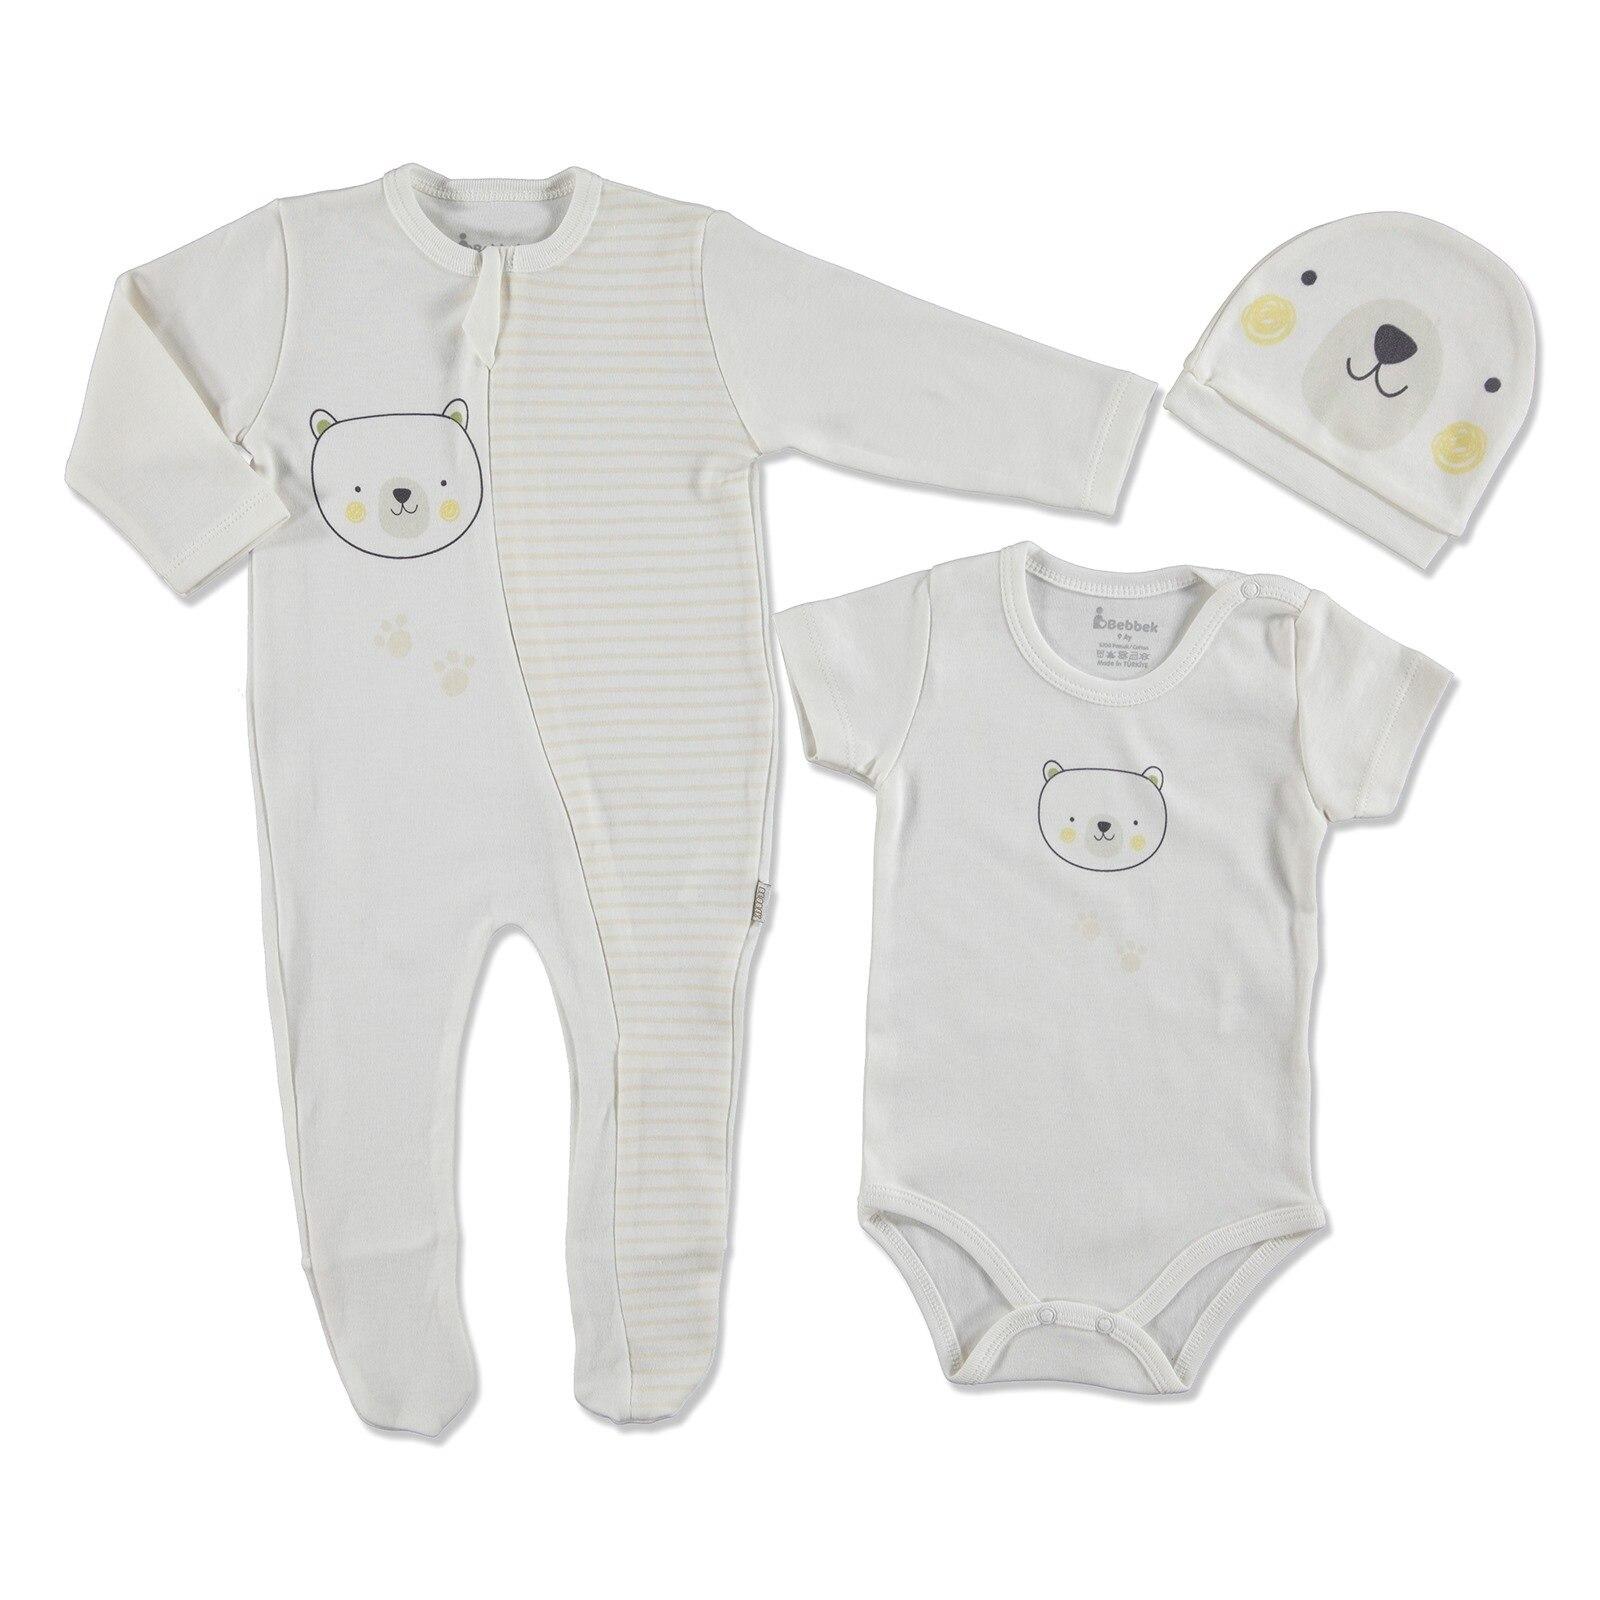 Ebebek Bebbek Summer Baby Boy Bear Scoot Romper Bodysuit Hat 3 Pcs Set